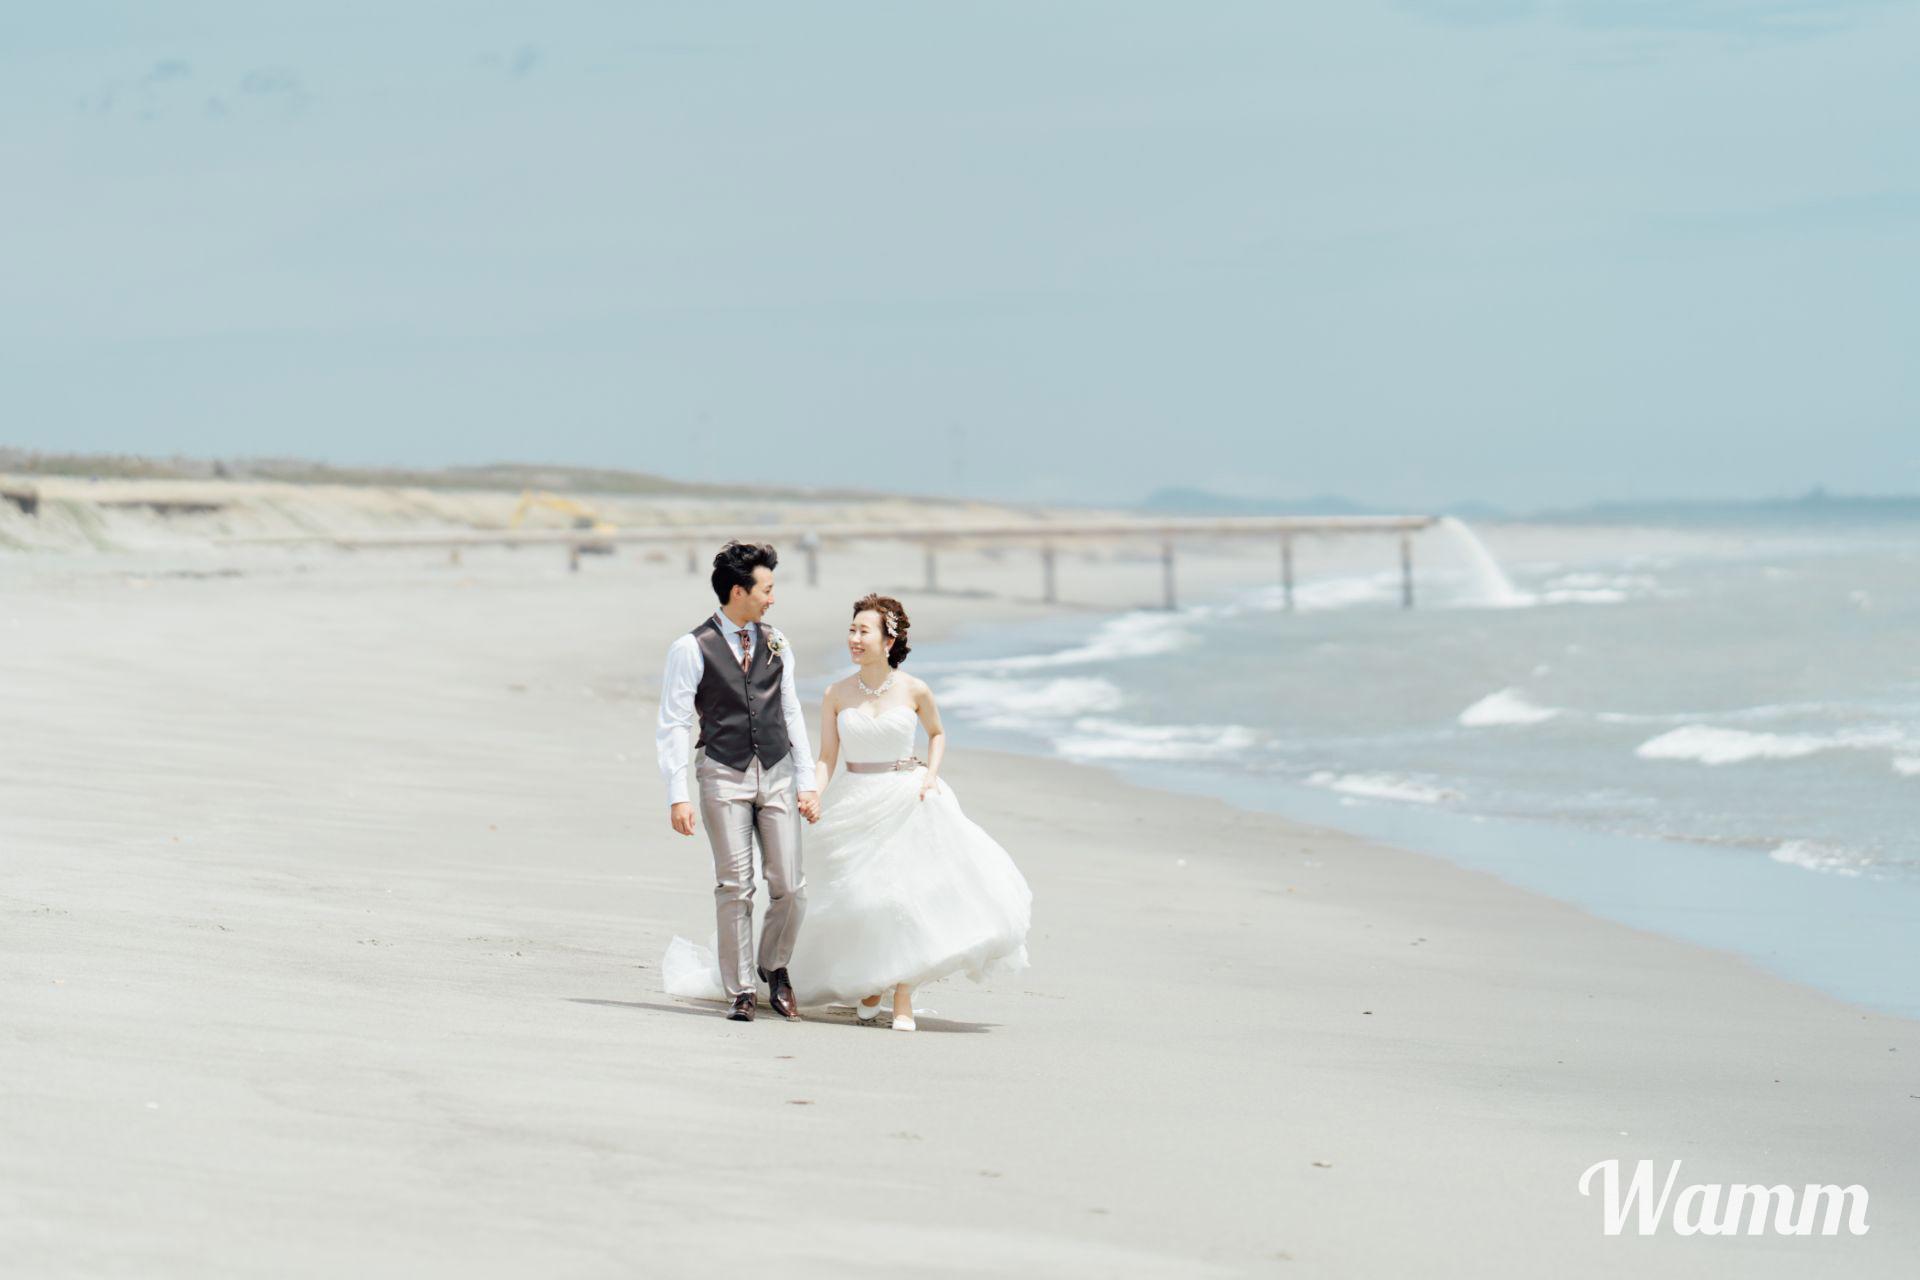 【袋井 浅羽海岸】この海岸の魅力 それはいつも変化する波と風なんです